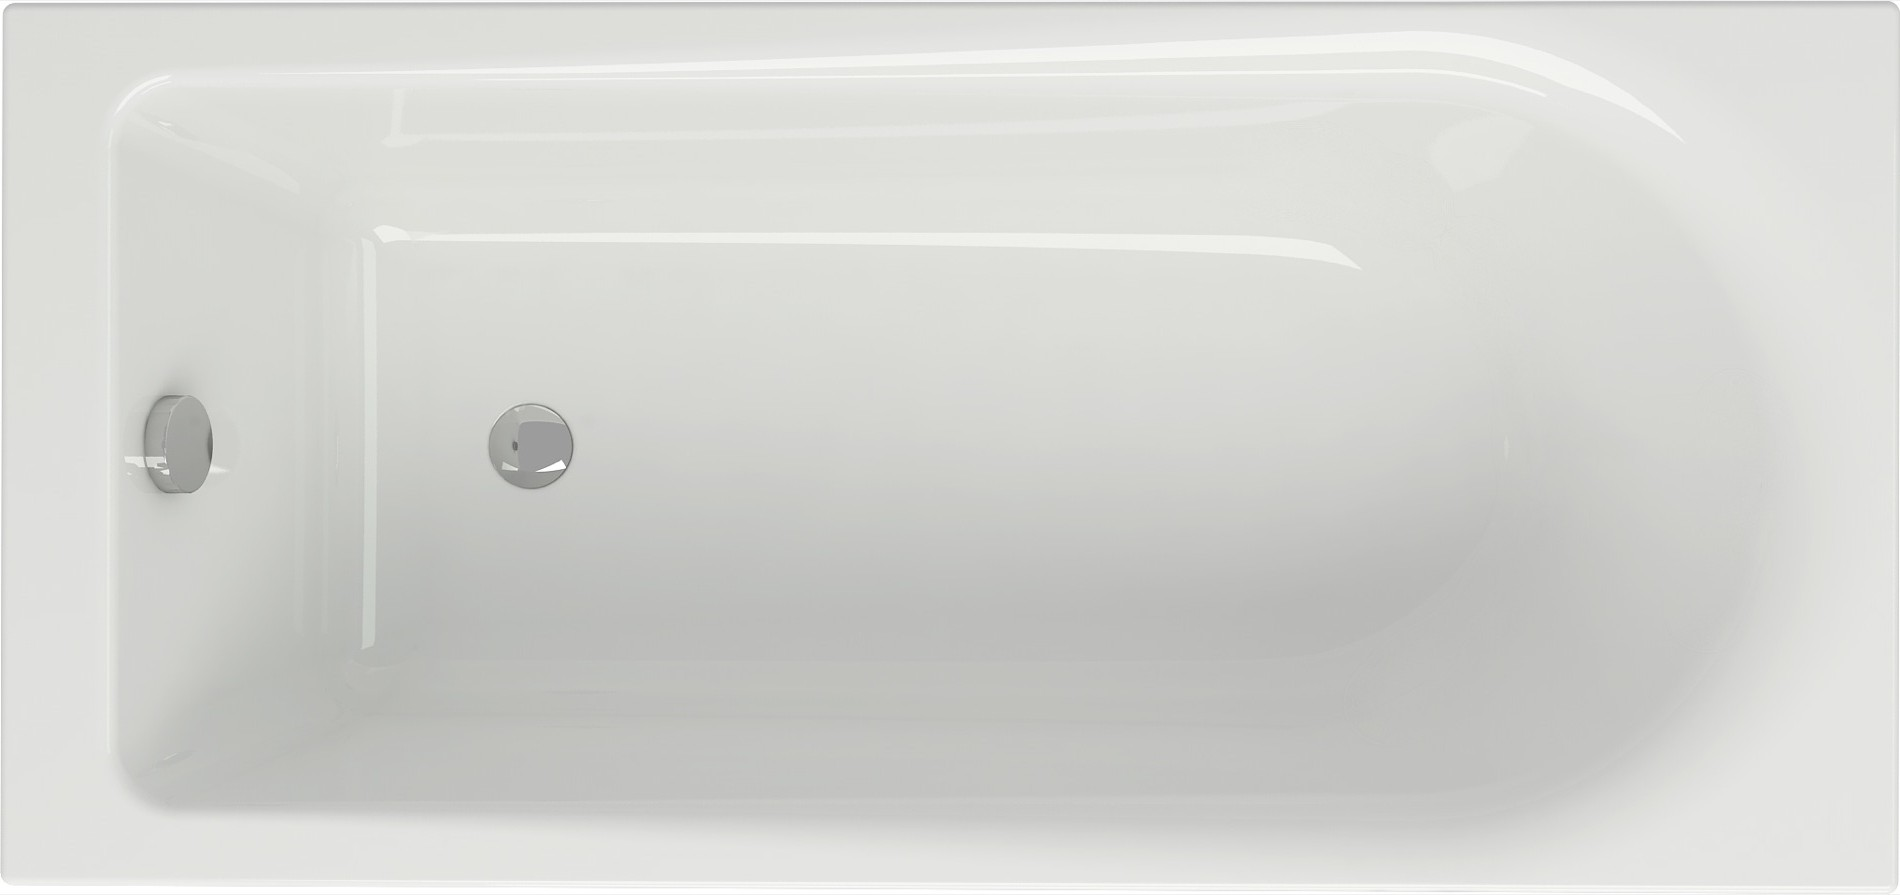 badewanne wanne rechteck 150 x 70 cm ohne mit sch rze ab berlauf cersanit ebay. Black Bedroom Furniture Sets. Home Design Ideas